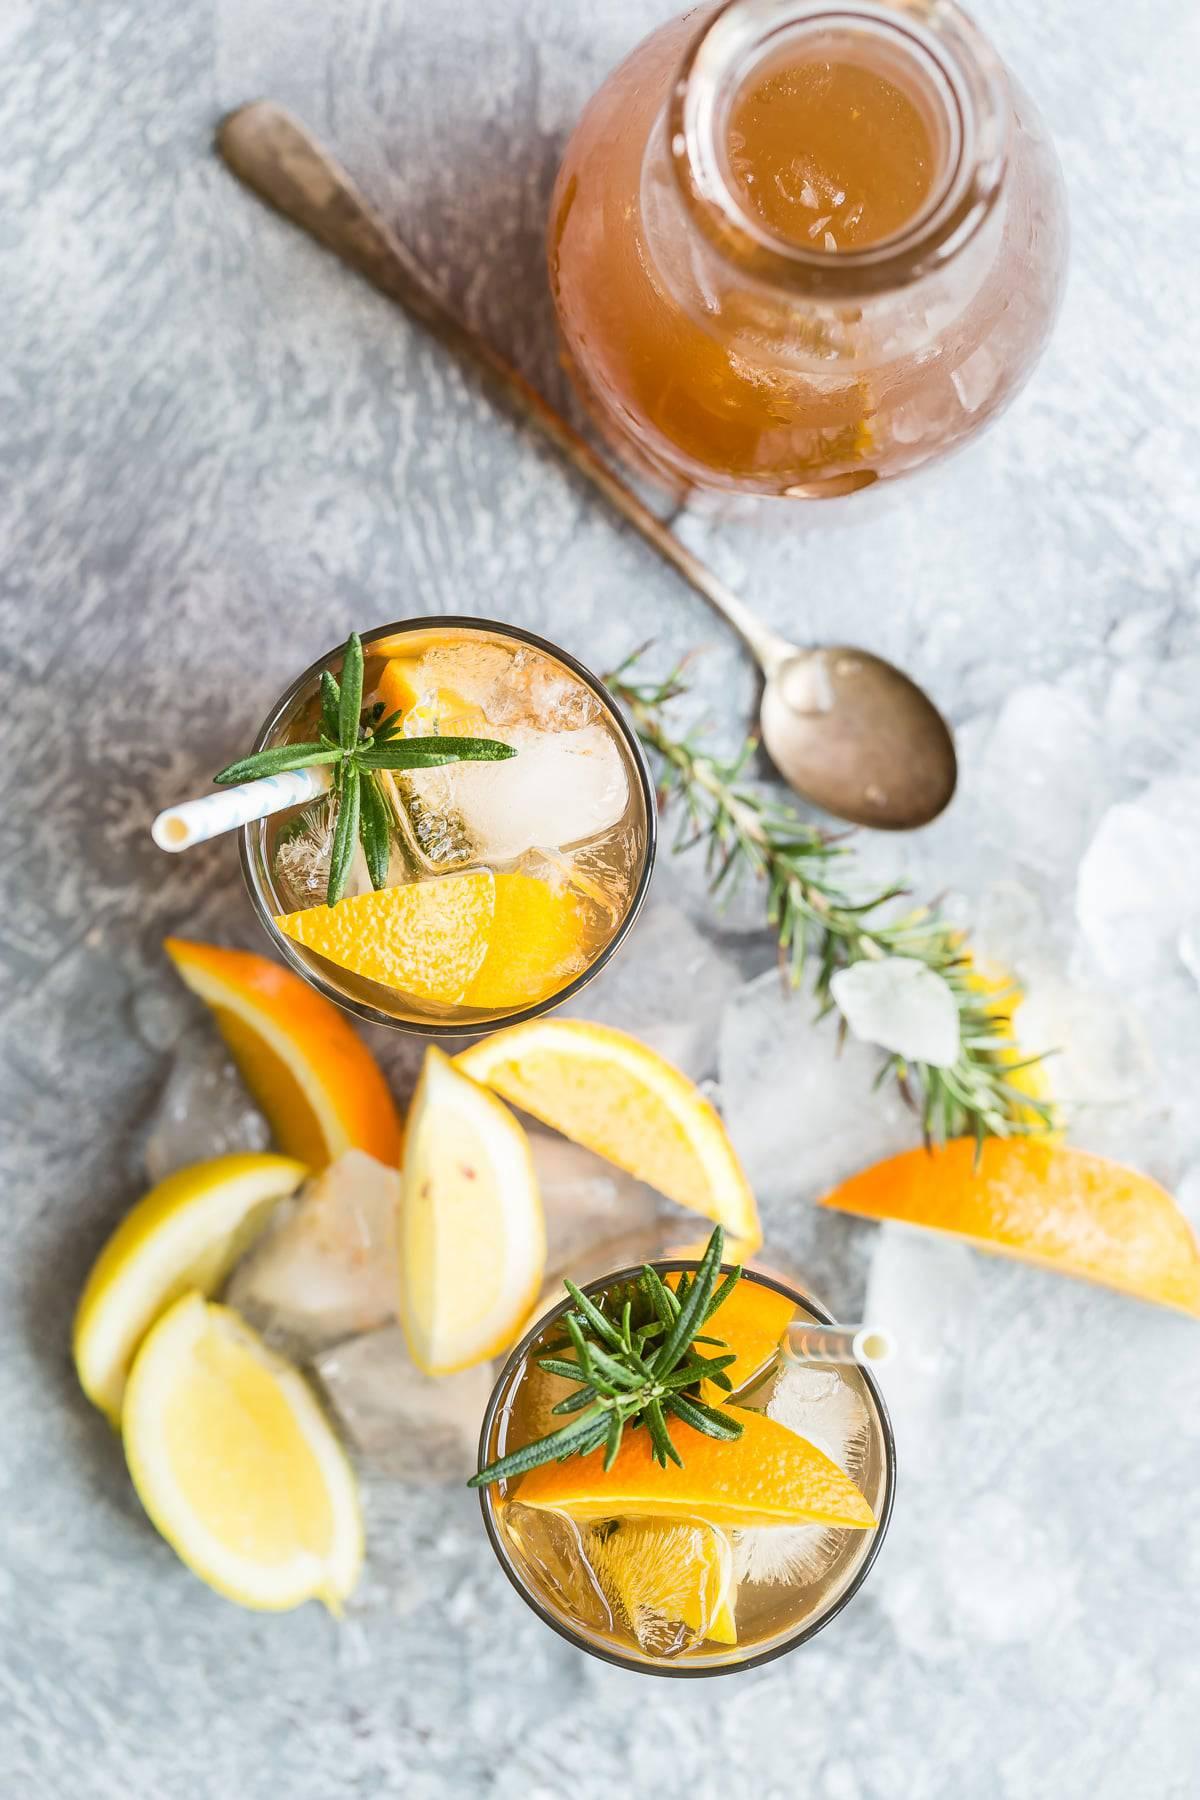 Peach Texas tea with rosemary